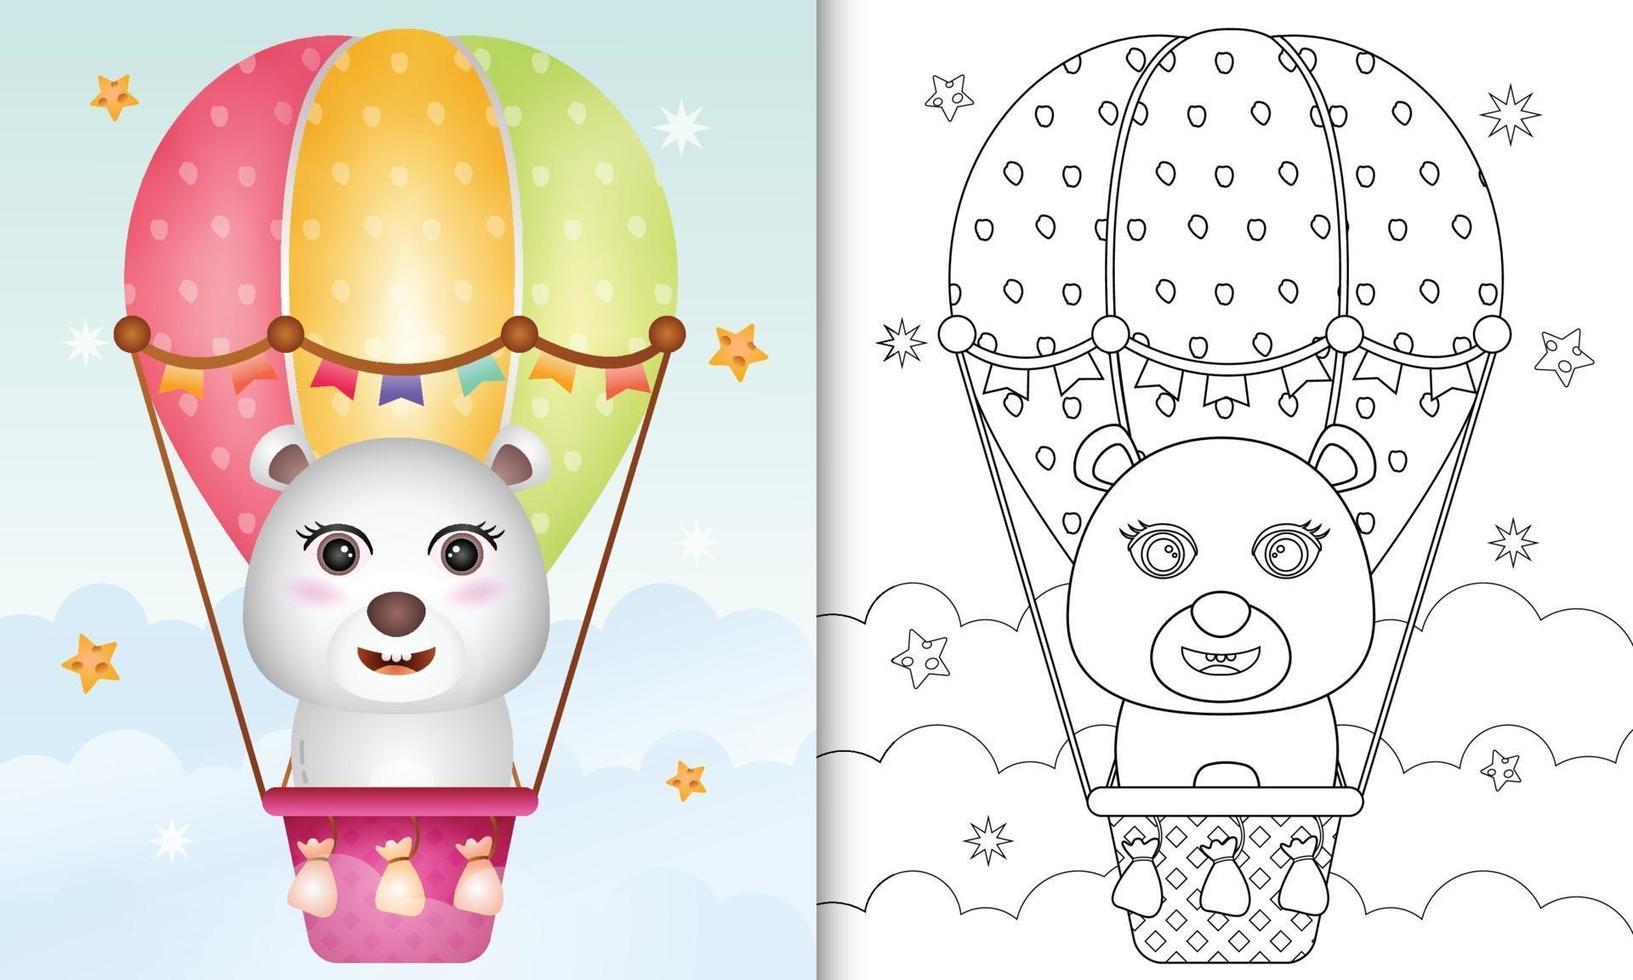 Malbuch für Kinder mit einem niedlichen Eisbären auf Heißluftballon vektor